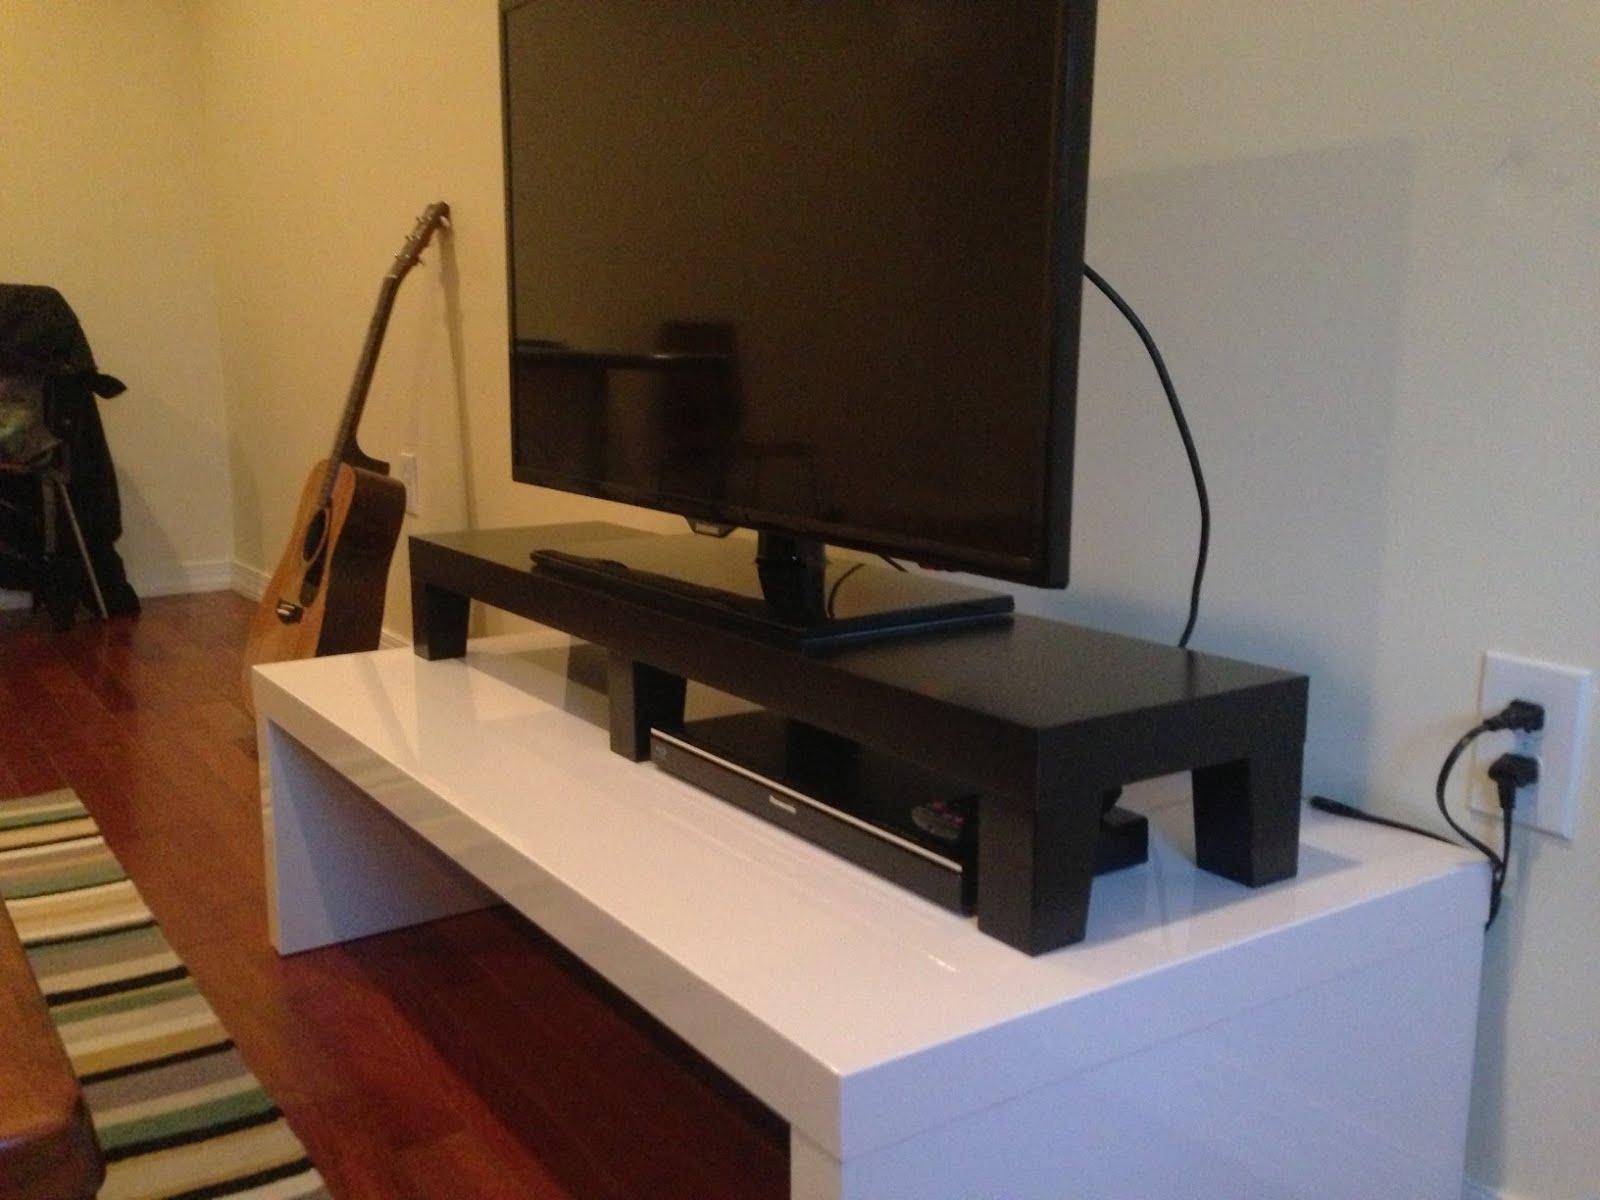 Ikea Grundtal Replacement Bulb ~ Materials 1 Lack shelf, 3 pair Besta wooden legs, glue